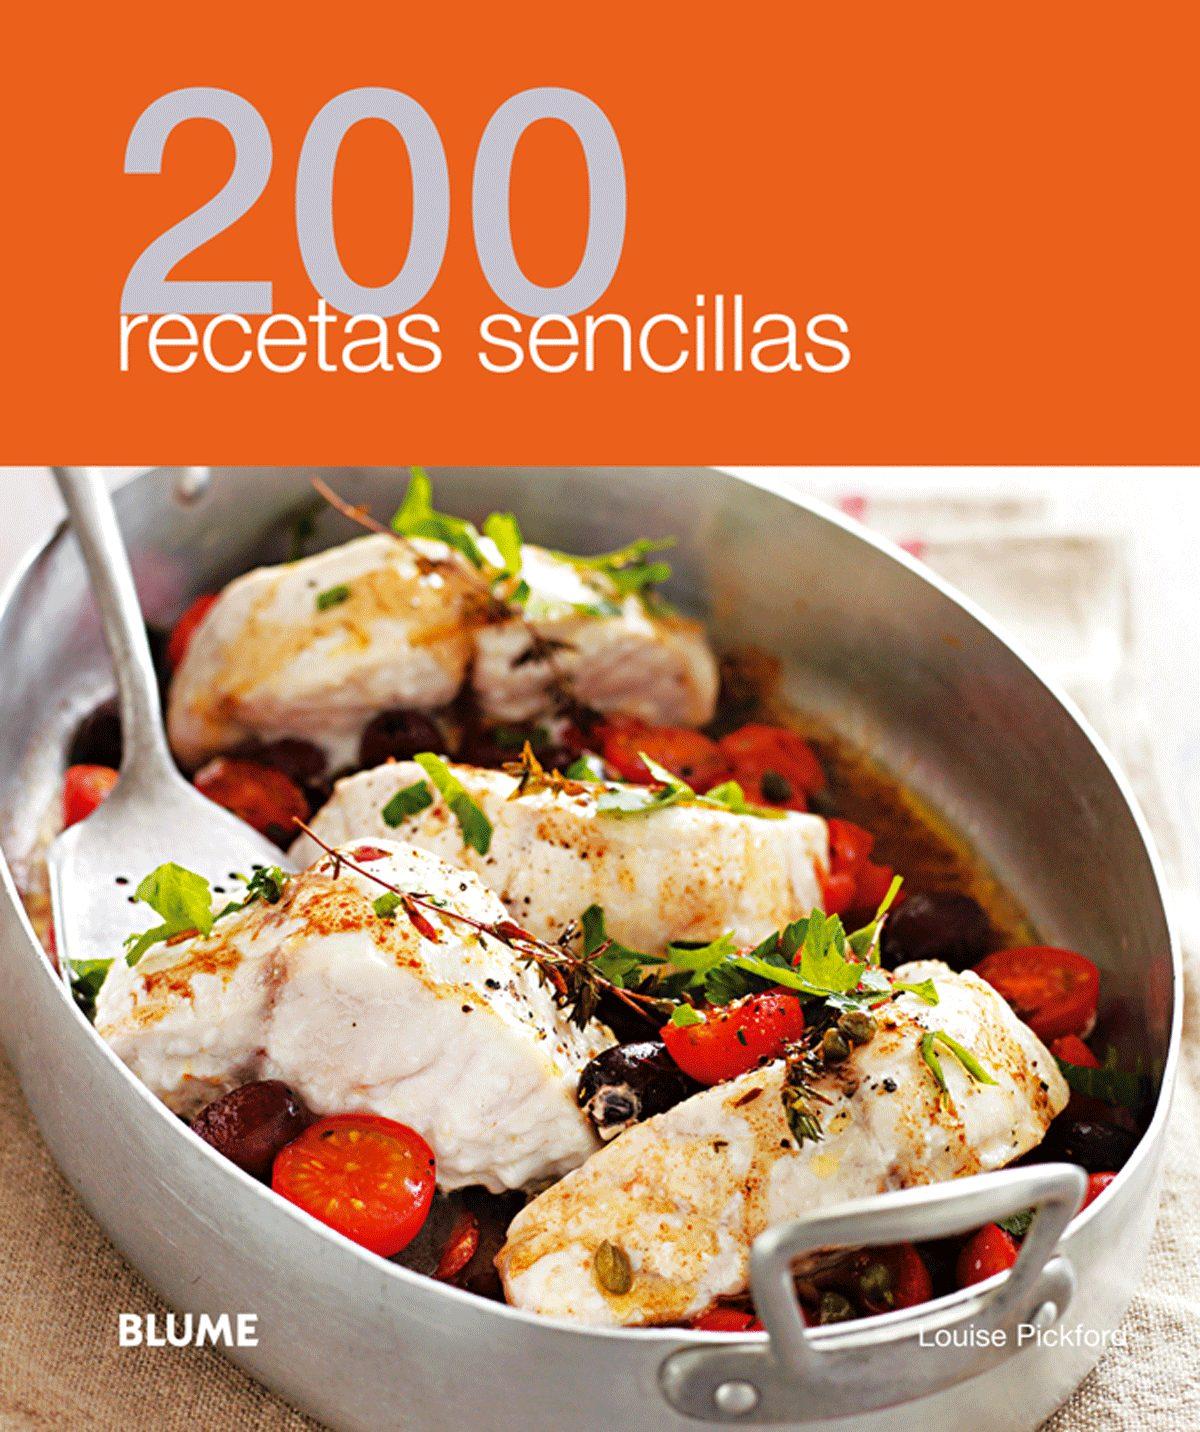 200 Recetas Sencillas por Vv.aa.